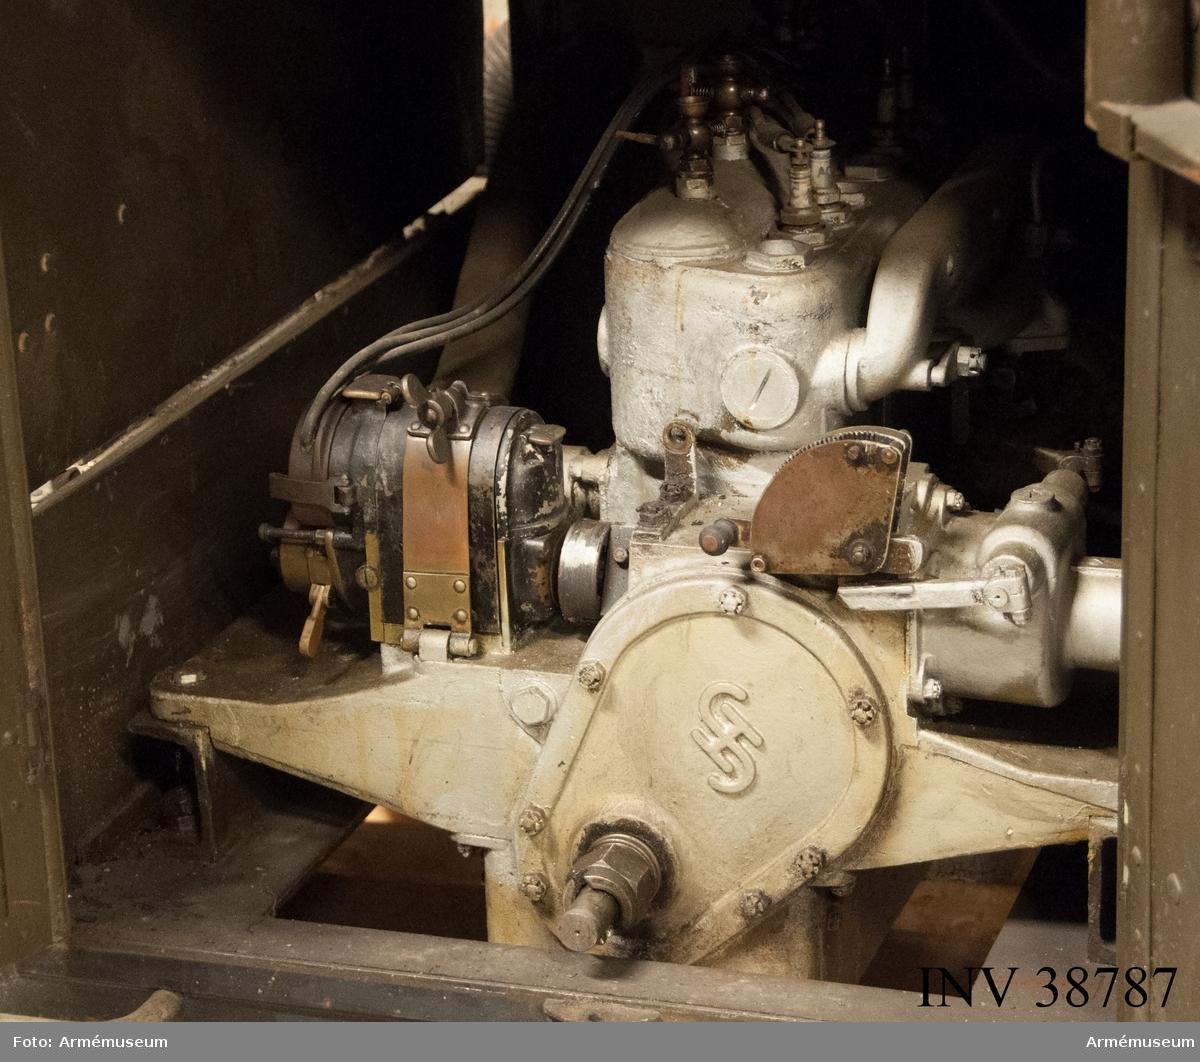 Grupp H II.  Motor i ram. Fyra cylindrar. Medar och järnhjul.  Tillbehör till radiostation 1000 W vari det bl. a. ingår motor, sändare, mod.förstärkare, mikrofonförstärkare, materiellåda med innehåll, antennlåda och generator.